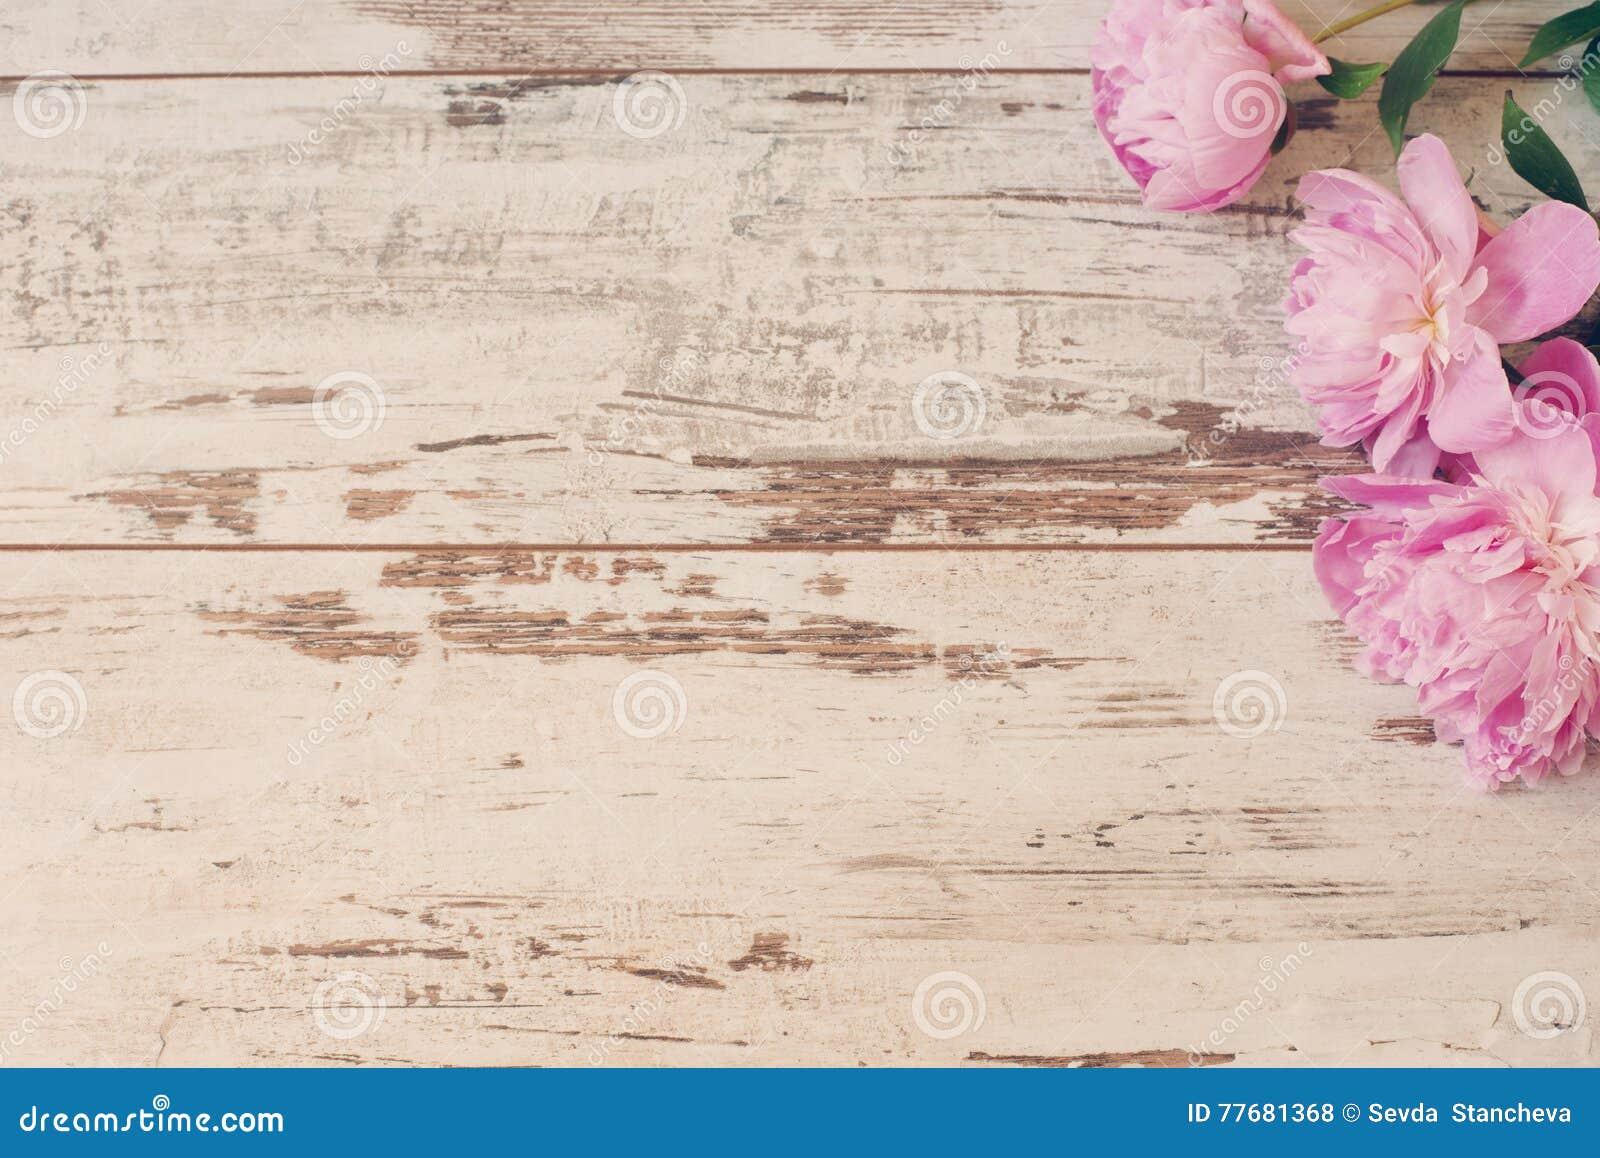 在白光土气木背景的惊人的桃红色牡丹 复制空间,花卉框架 葡萄酒,阴霾看 装饰的婚姻的汽车